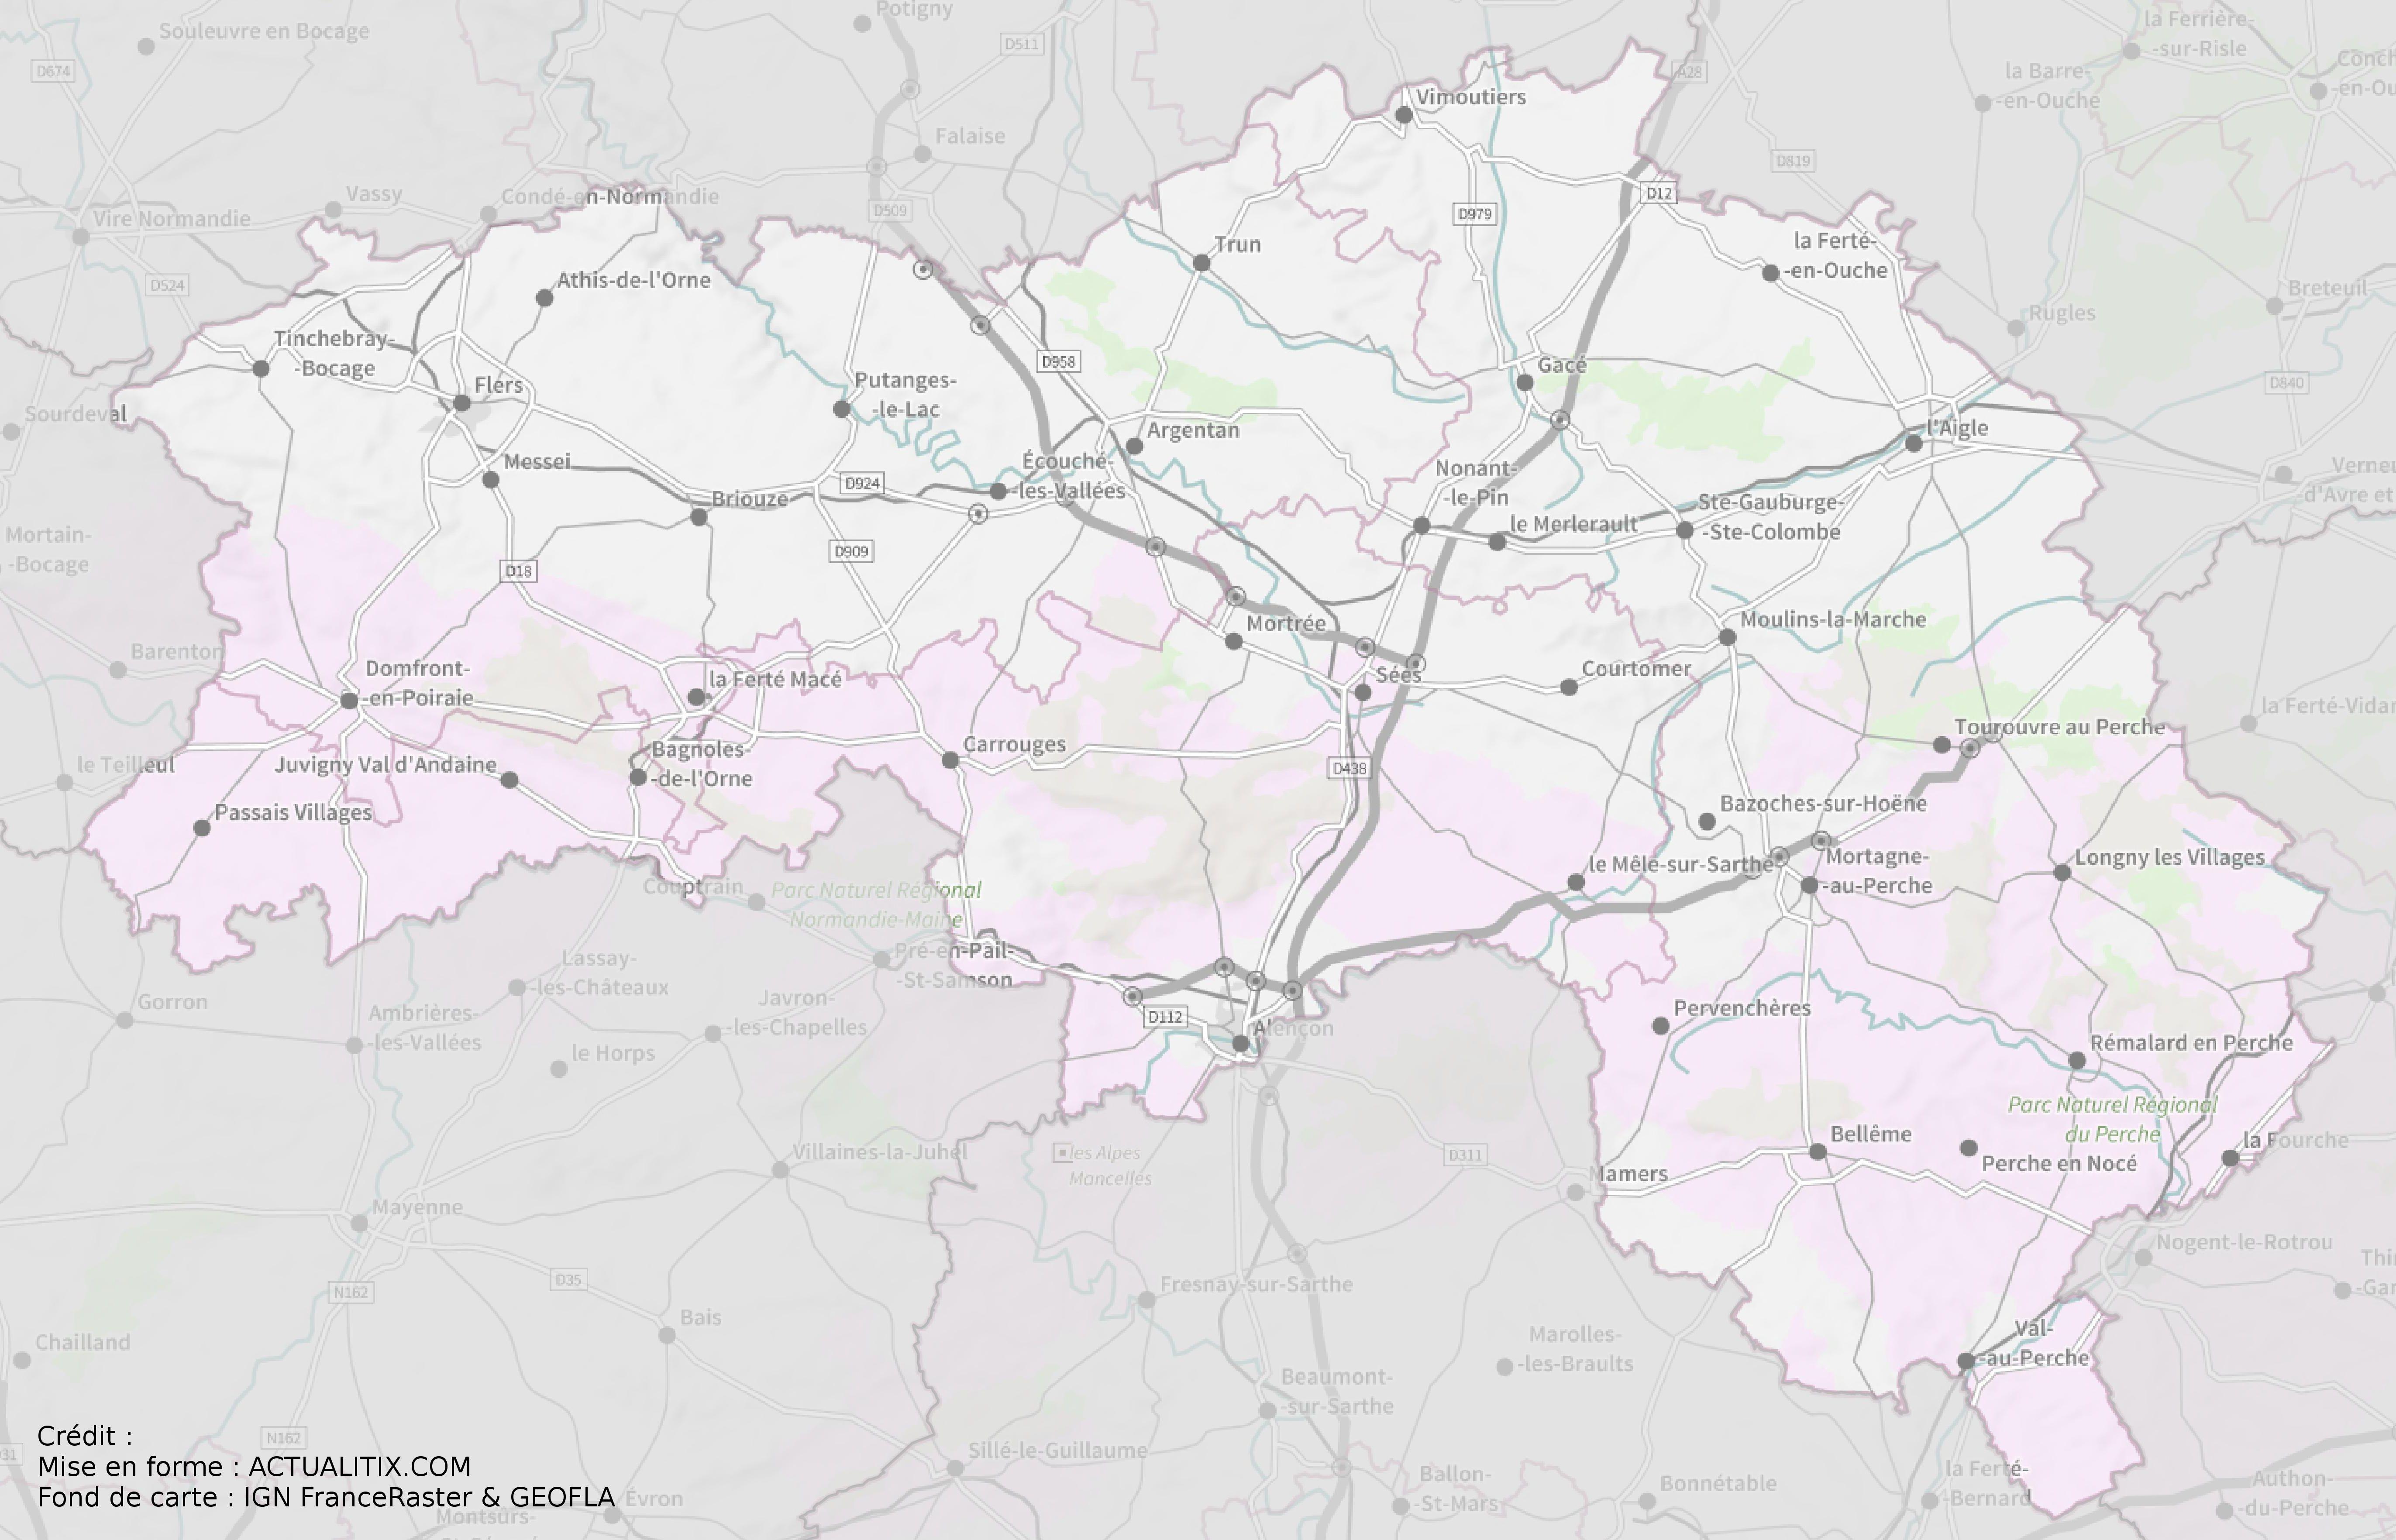 carte de l orne Carte de l'Orne   Orne carte du département 61   villes, sites